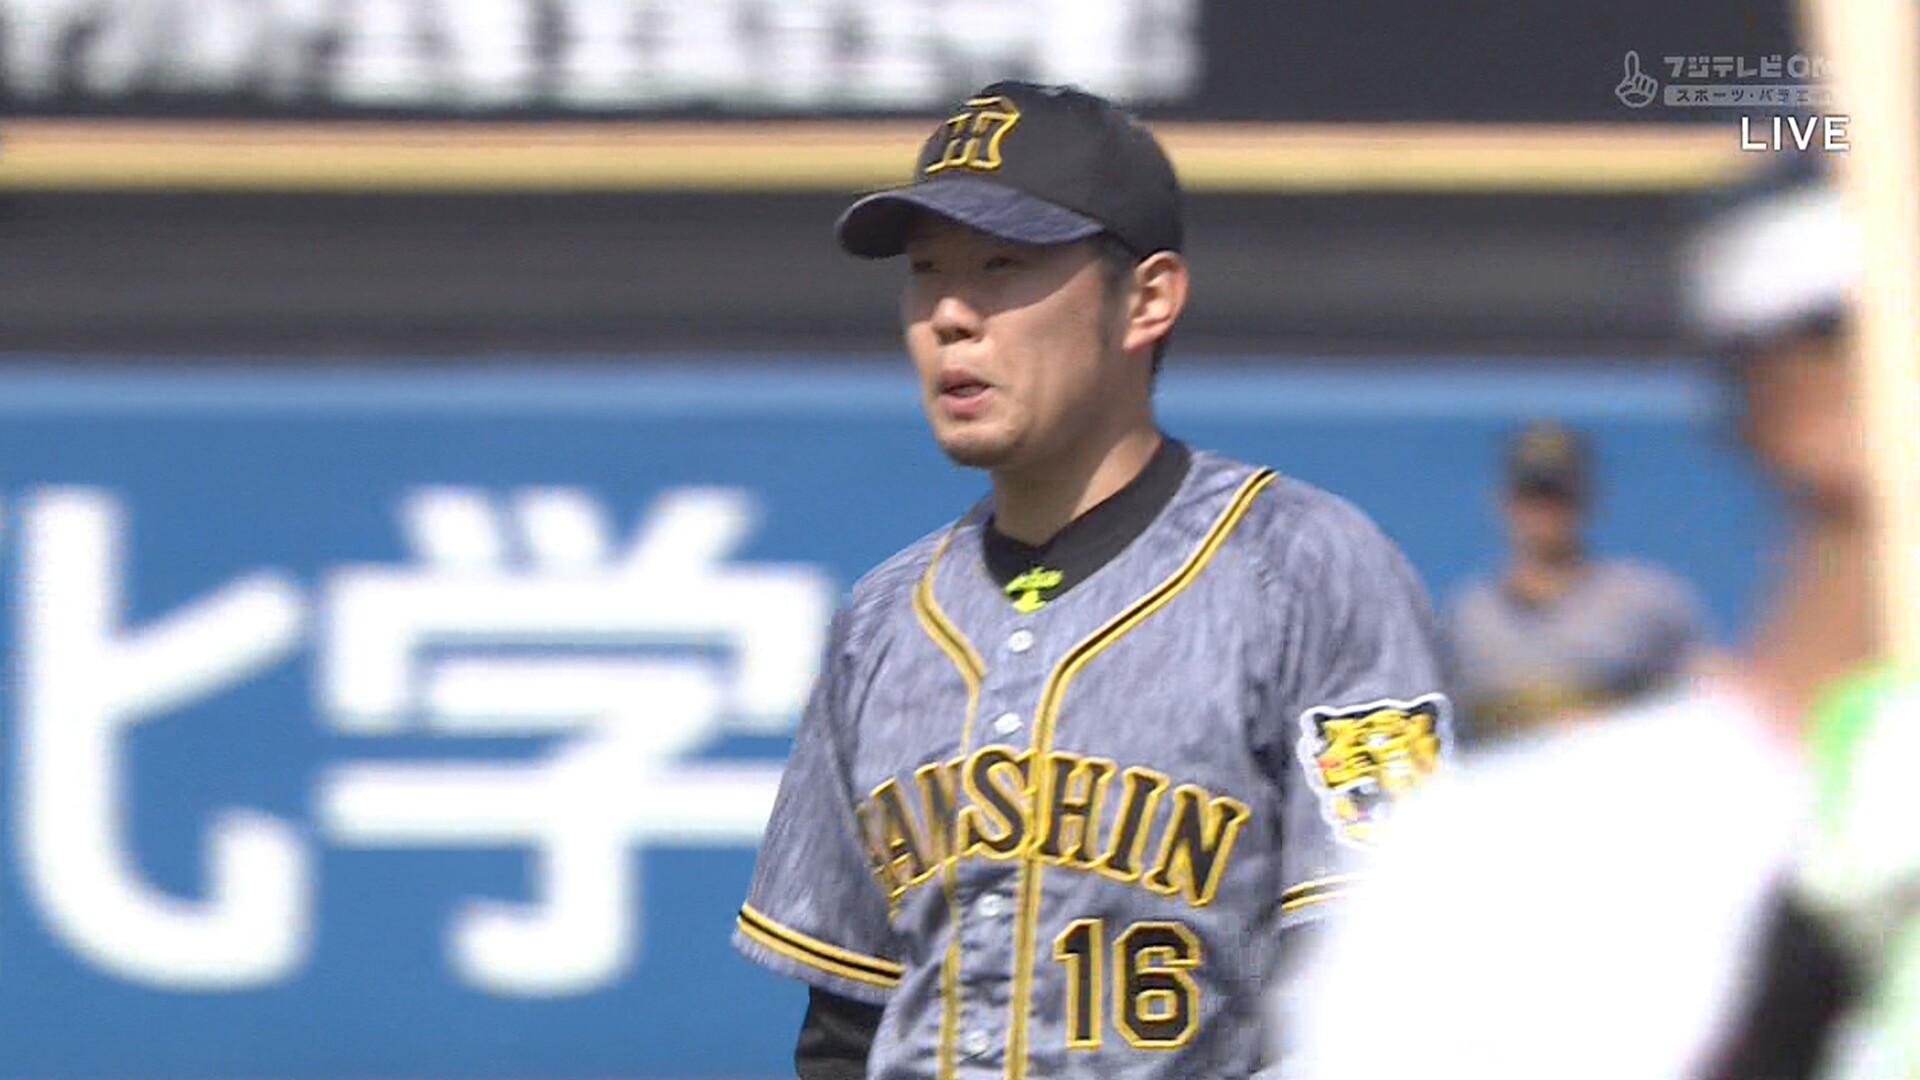 阪神・西、1イニング3盗塁された村上に復讐の鬼牽制wwwww